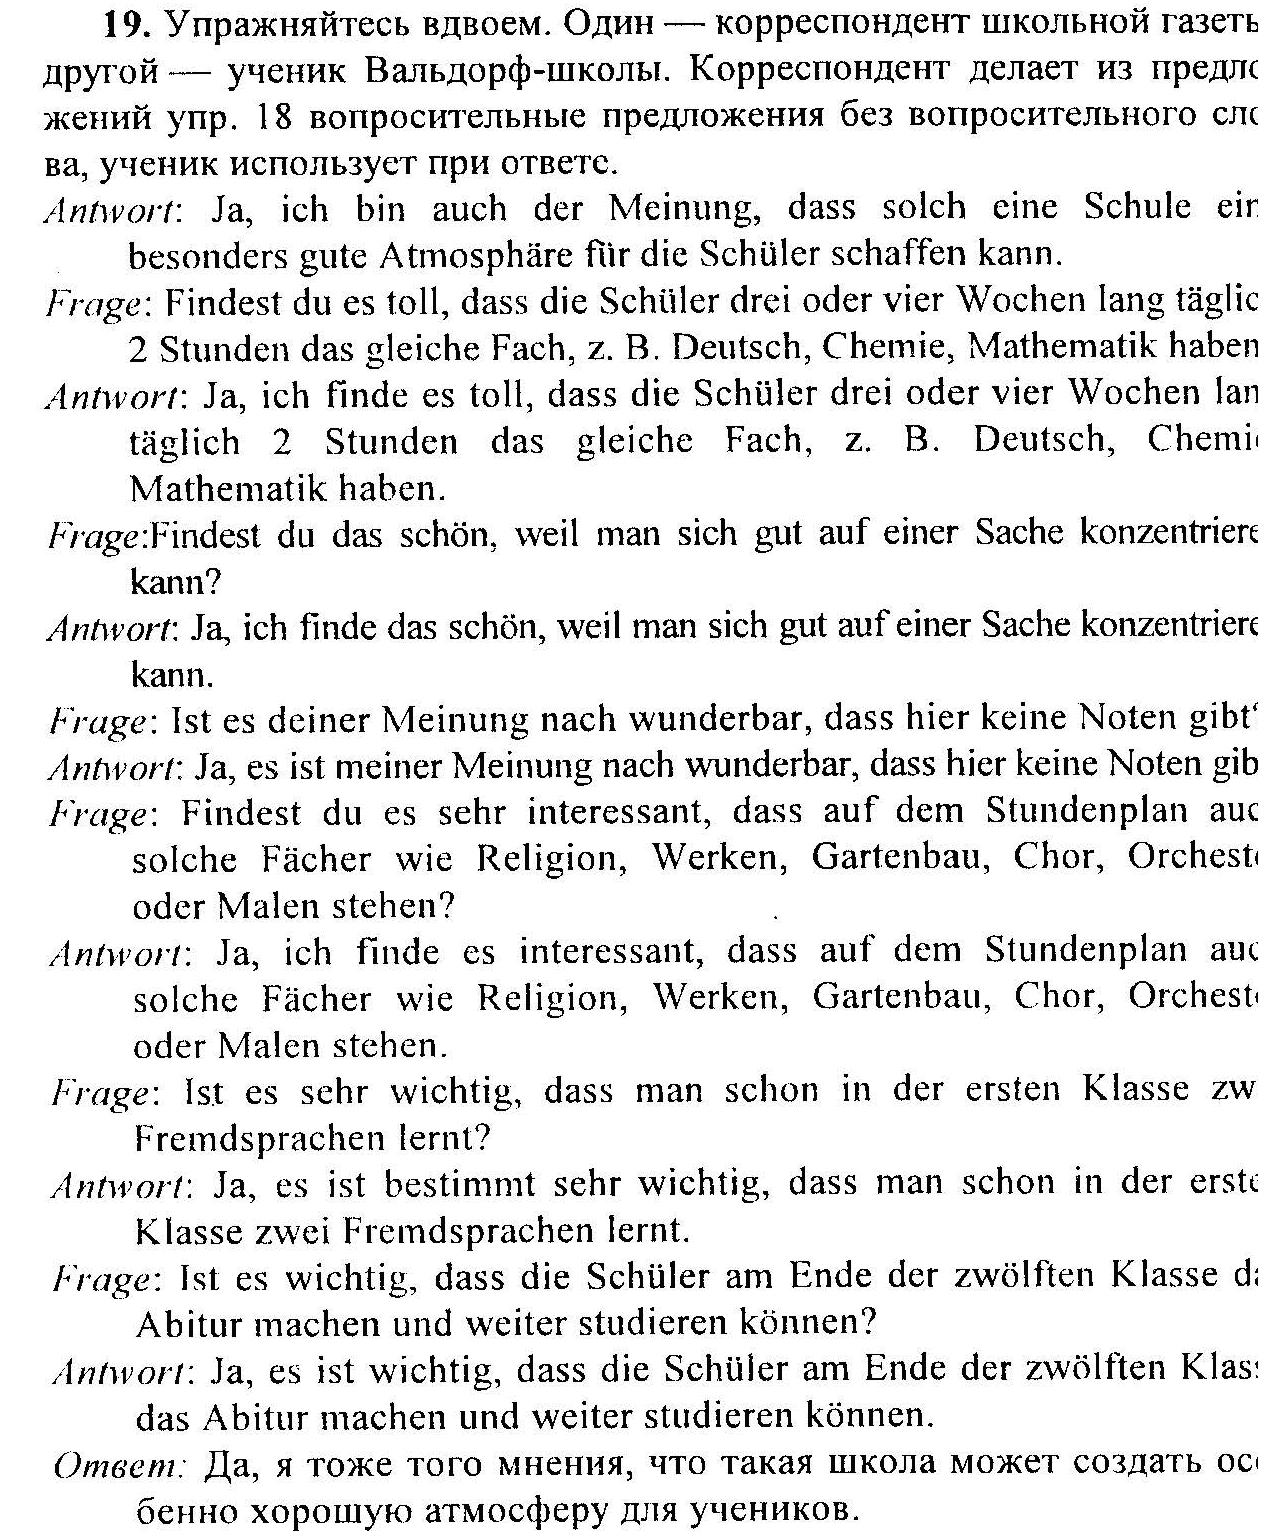 Гдз по немецкому 2 класс бим учебник оранжевый